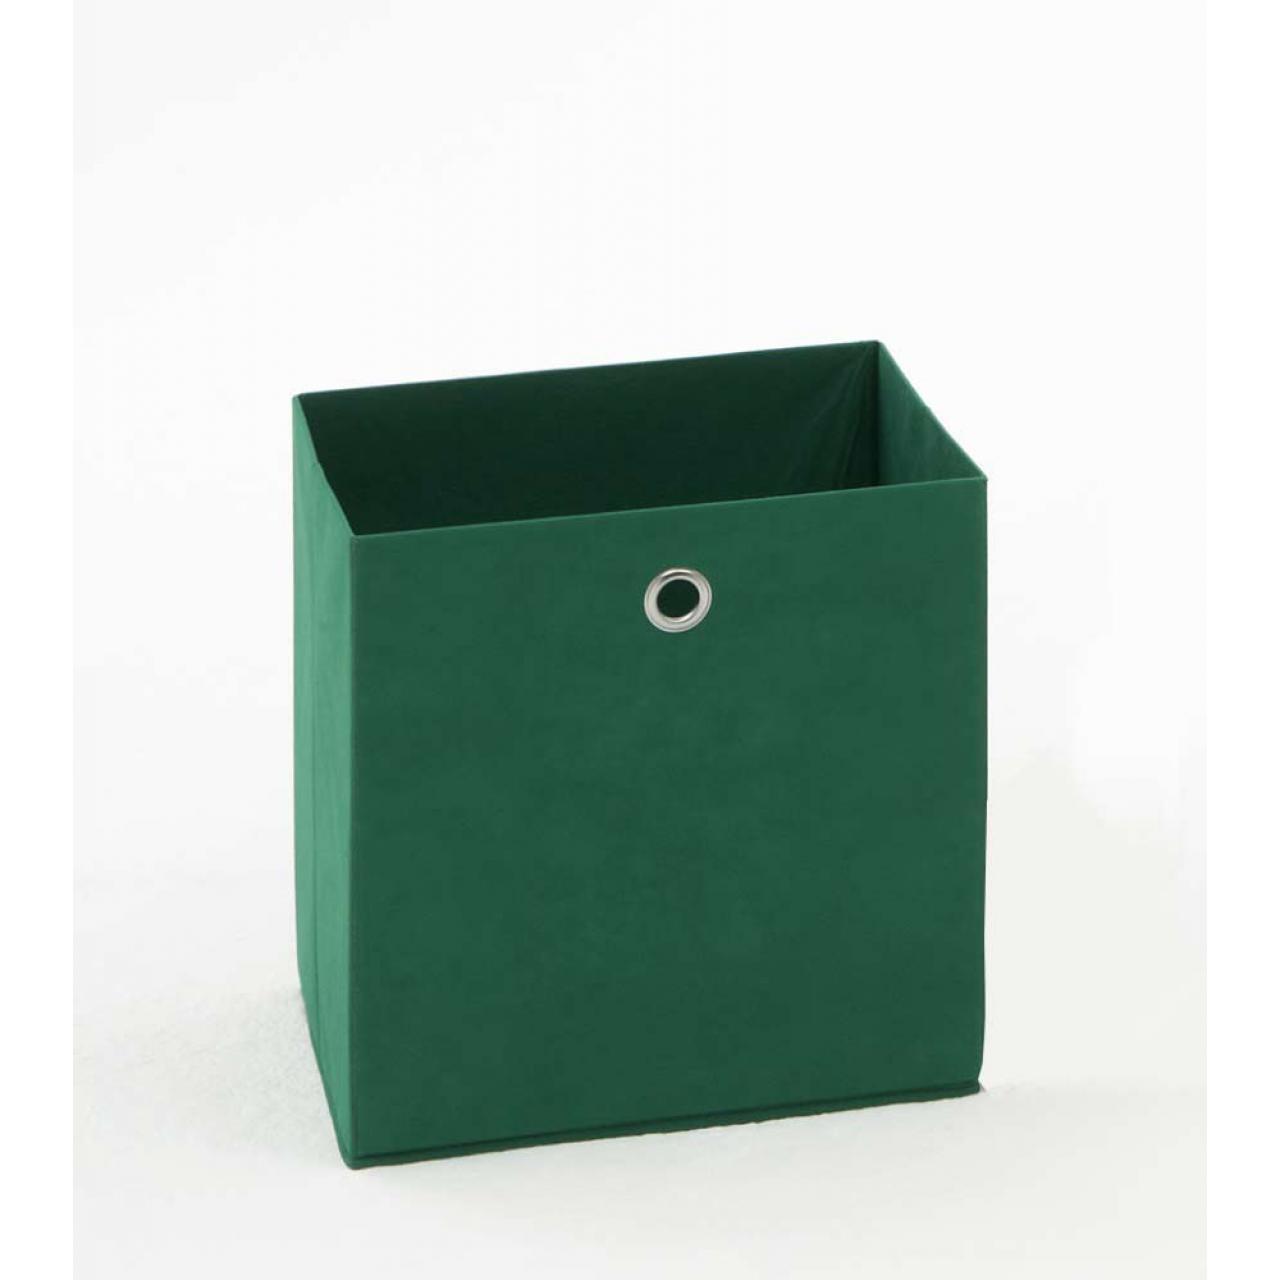 Faltbox Mega 3 Grün